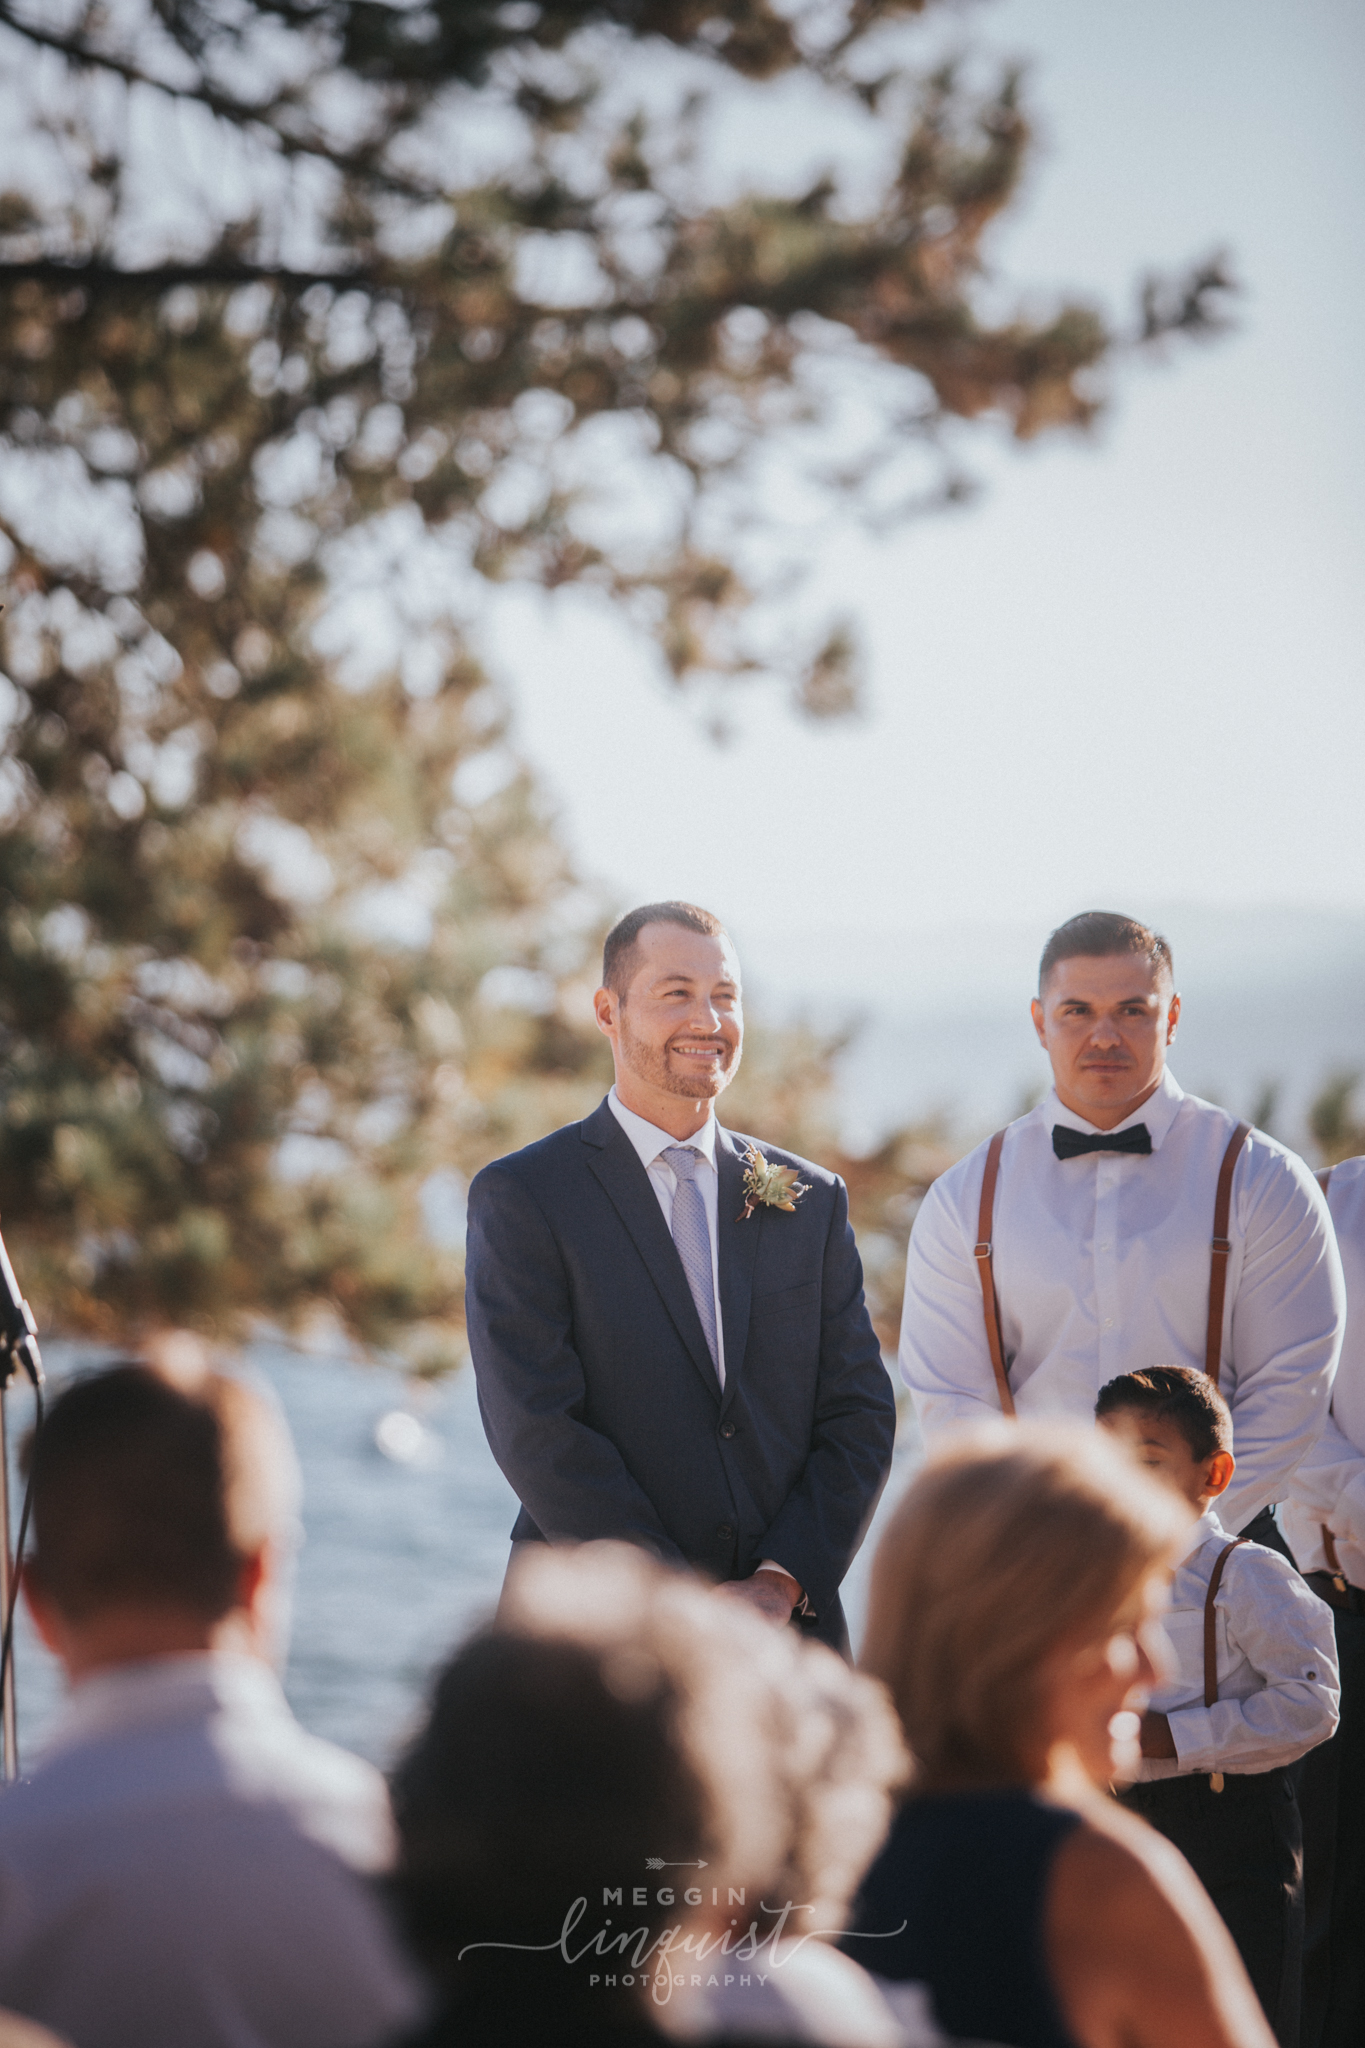 bohemian-style-lake-wedding-reno-lake-tahoe-wedding-photographer-12.jpg